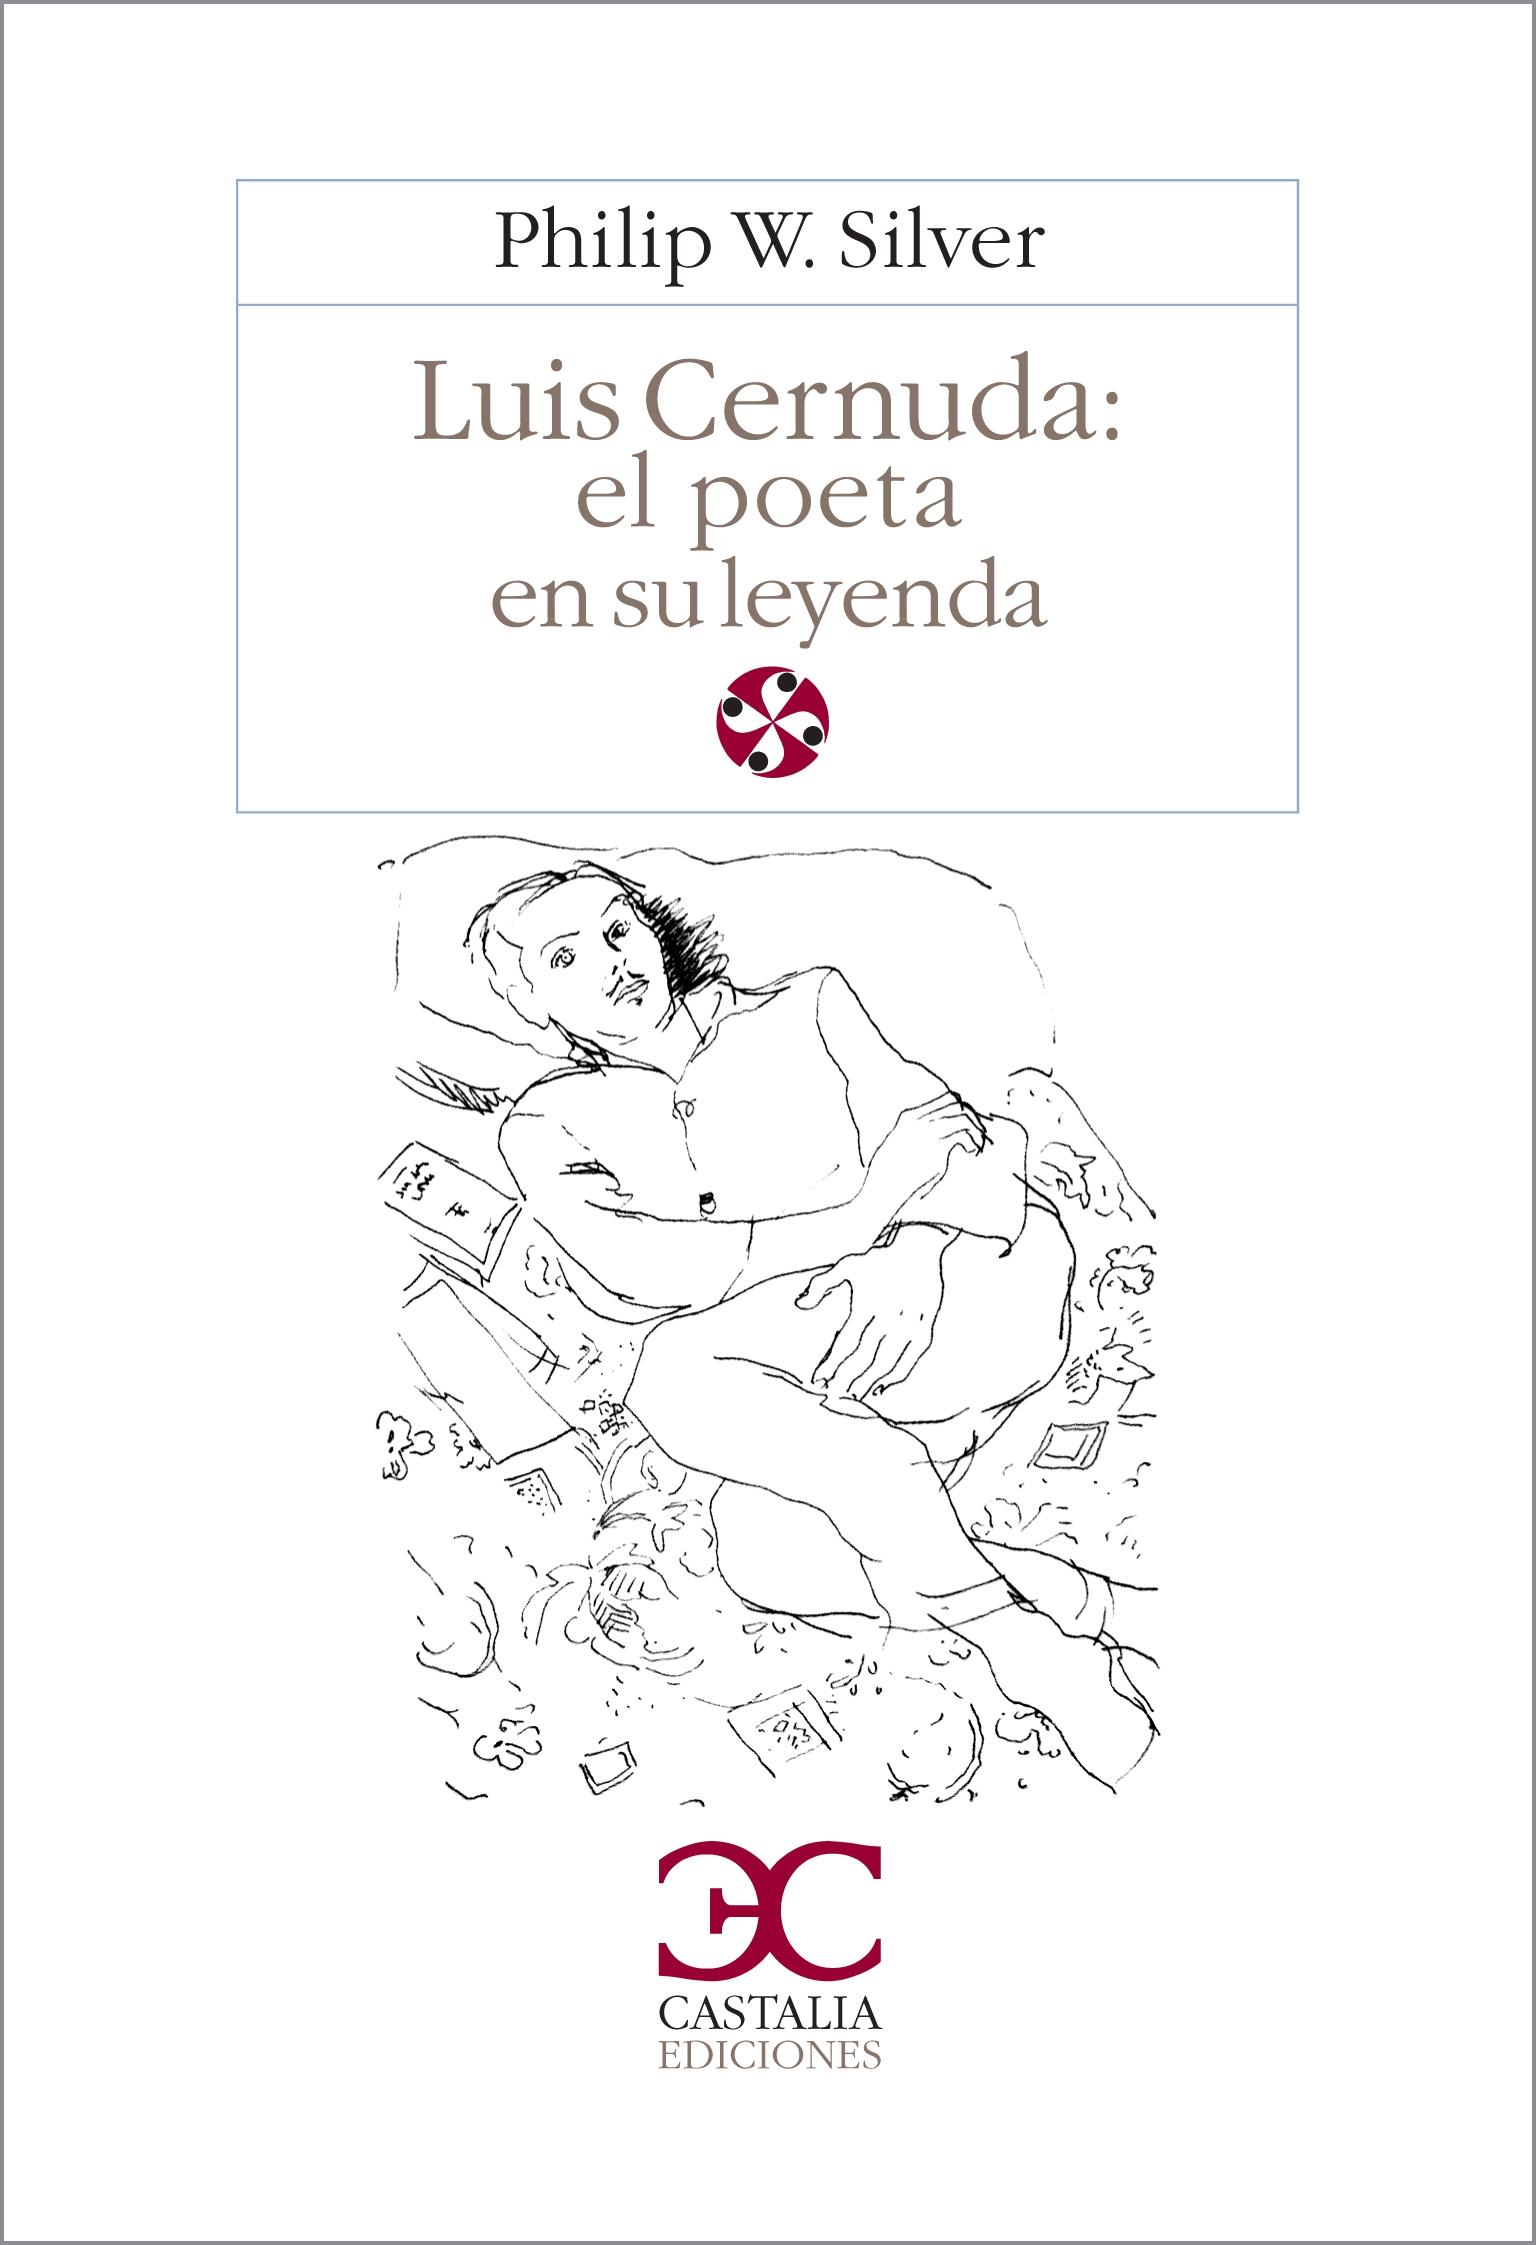 Luis Cernuda, el poeta en su leyenda